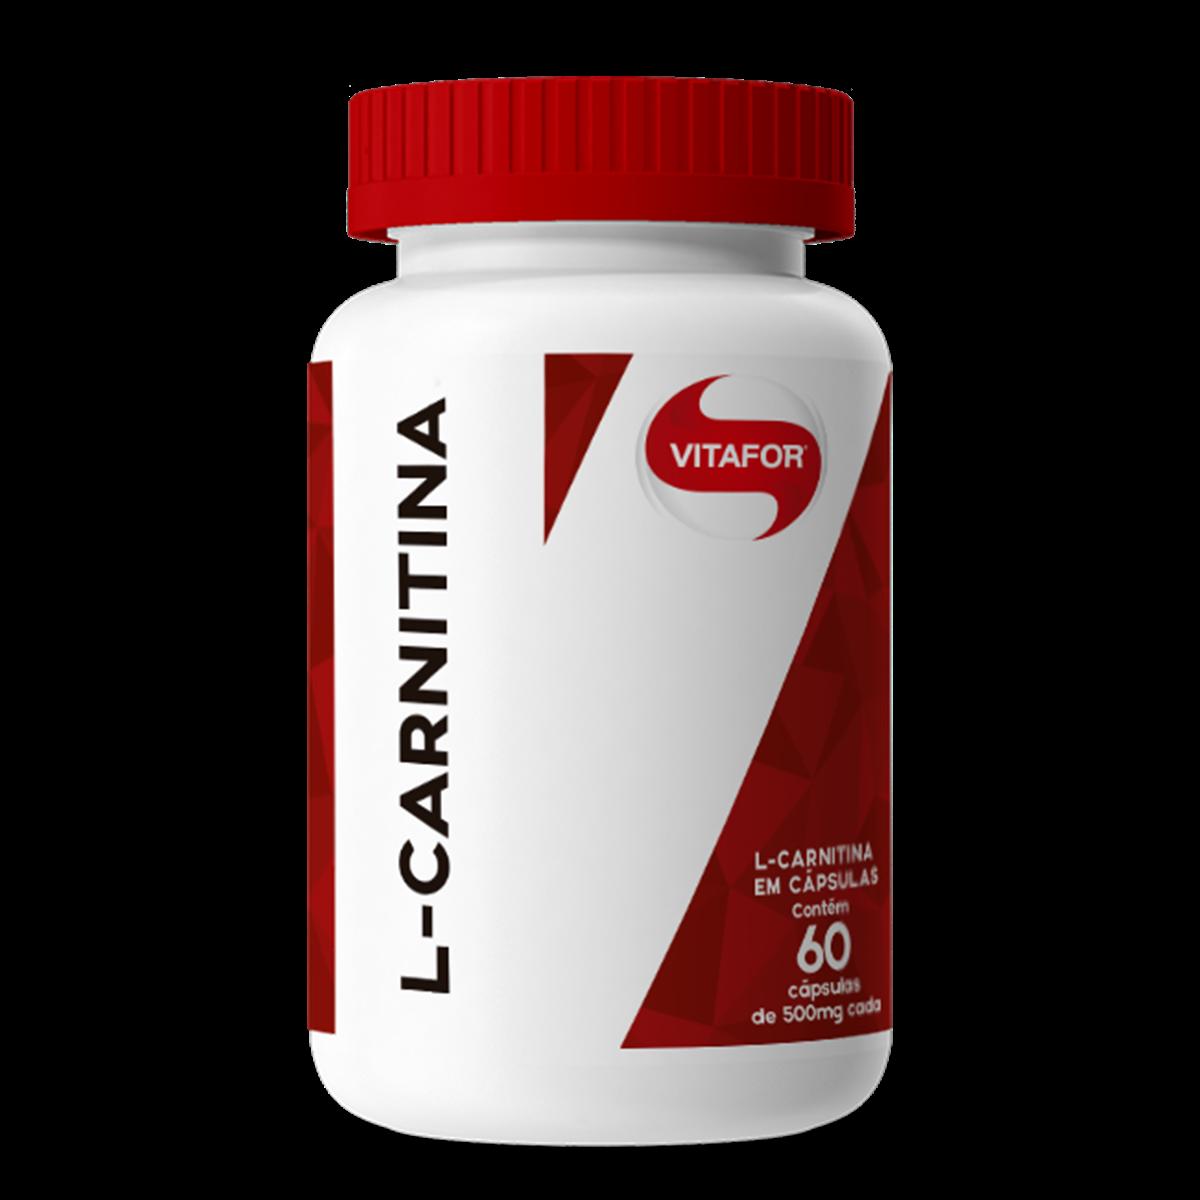 L-Carnitina - 60 caps -Vitafor